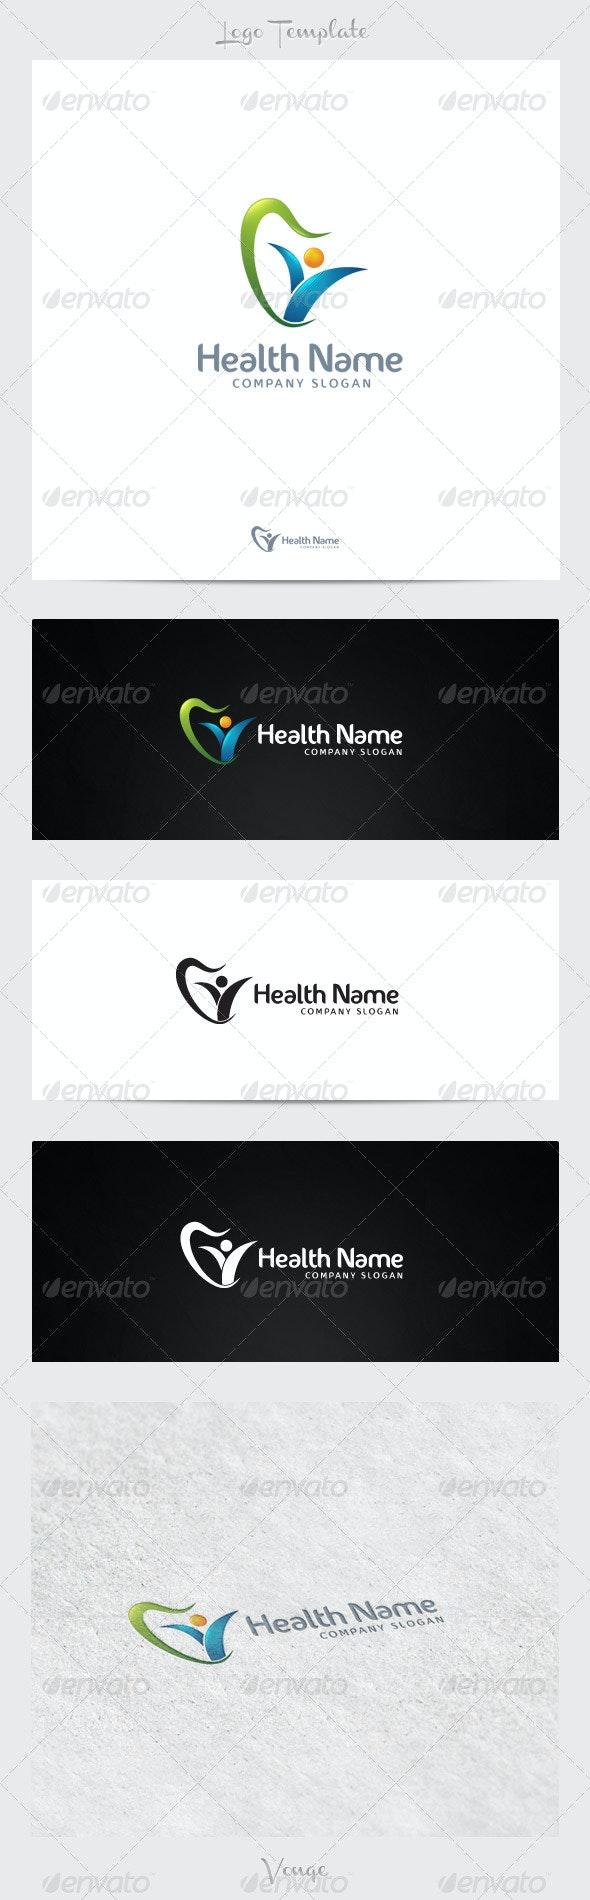 Health Company - Company Logo Templates